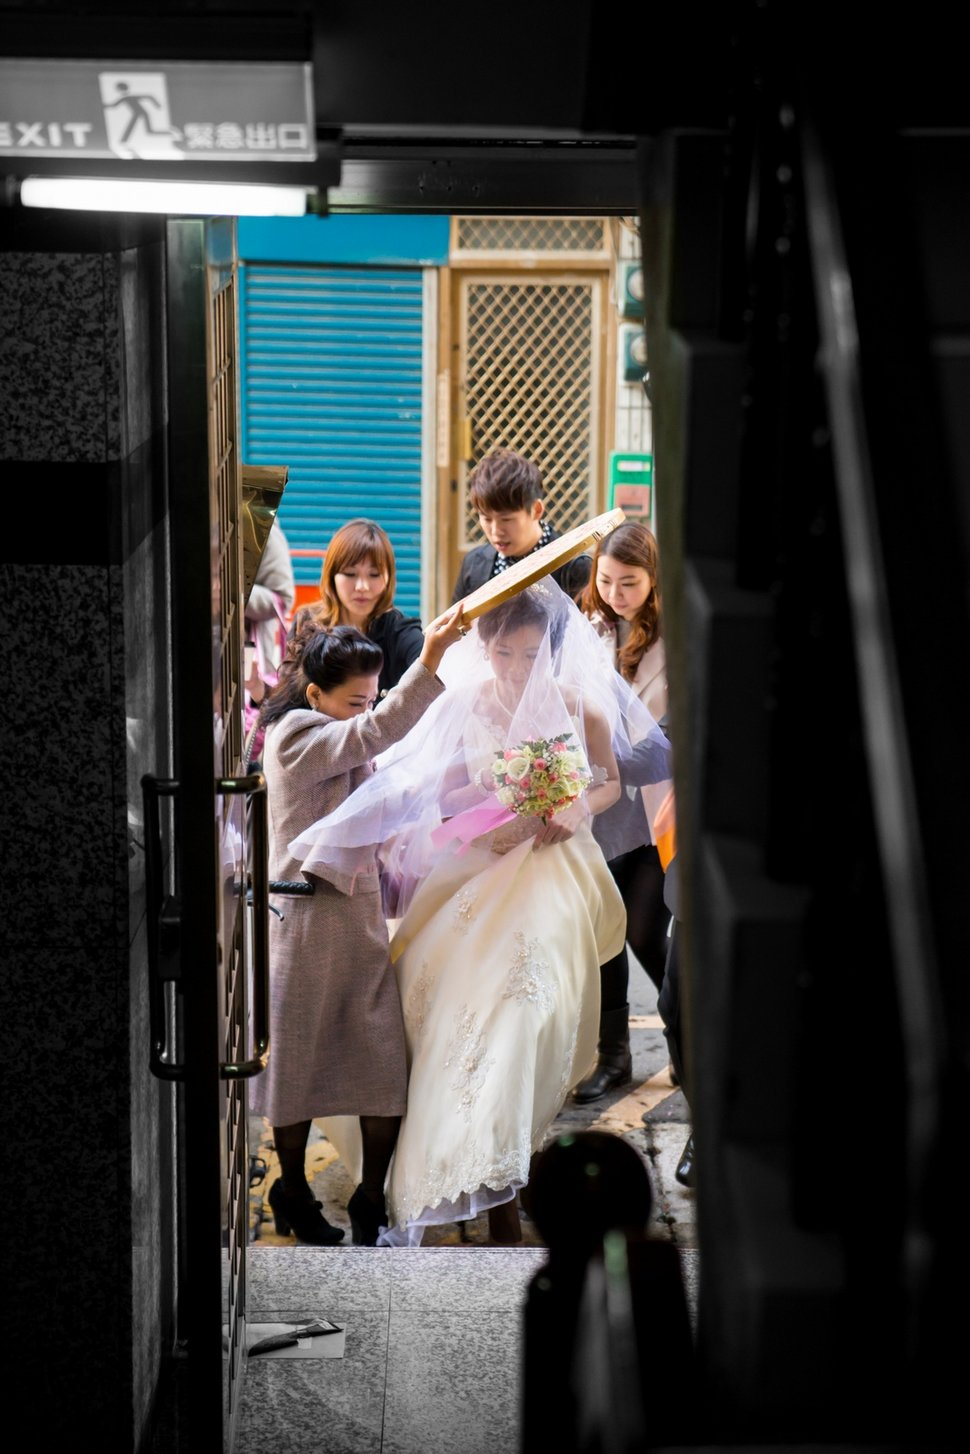 2014-01-01  00313 - 全職攝影師 Jerry  (婚攝杰瑞) - 結婚吧